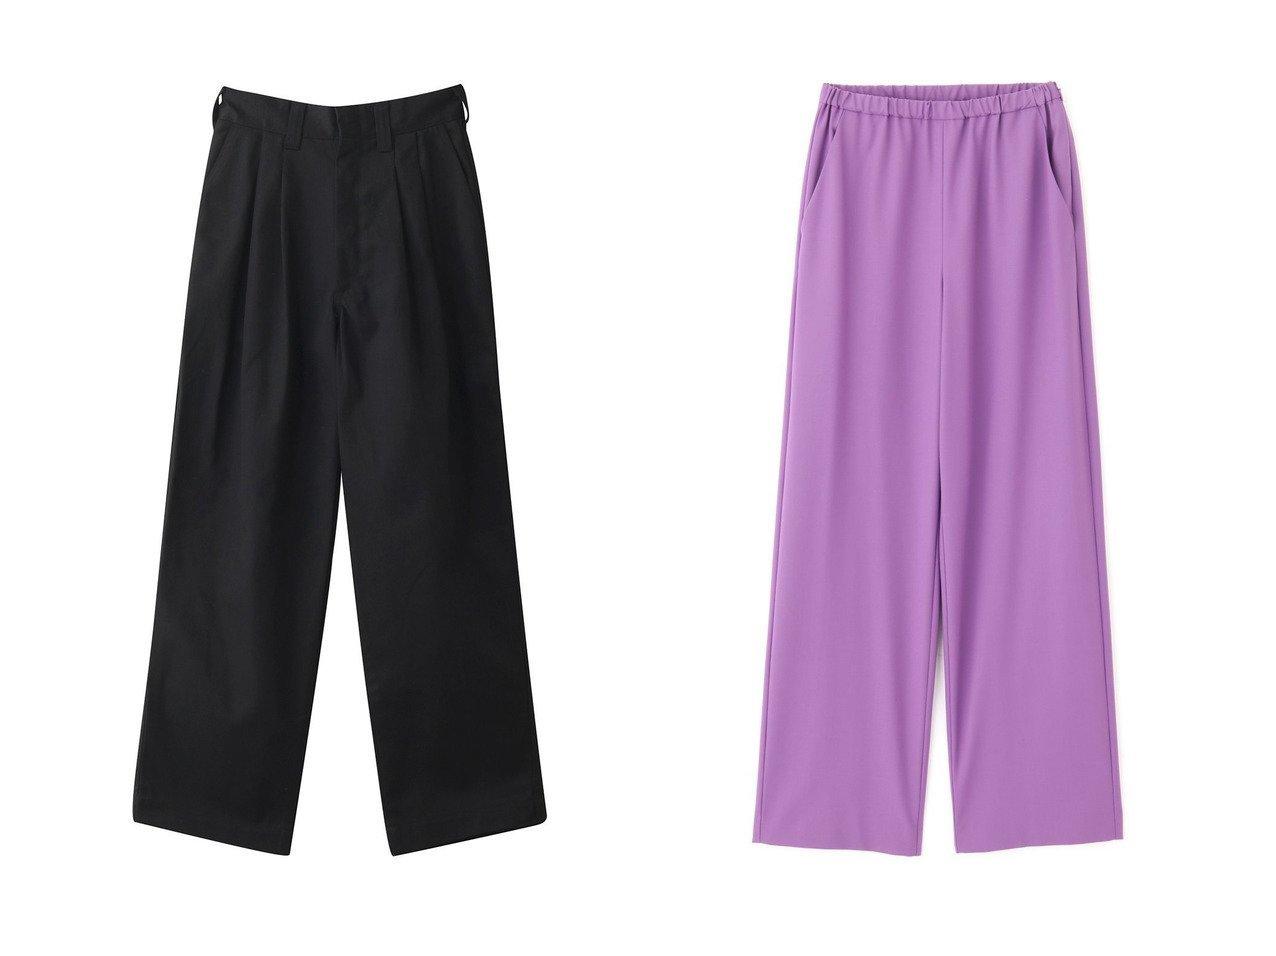 【Shinzone/シンゾーン】のTOMBOY パンツ&【LE PHIL/ル フィル】のファインウォッシャブルパンツ パンツのおすすめ!人気、トレンド・レディースファッションの通販 おすすめで人気の流行・トレンド、ファッションの通販商品 メンズファッション・キッズファッション・インテリア・家具・レディースファッション・服の通販 founy(ファニー) https://founy.com/ ファッション Fashion レディースファッション WOMEN パンツ Pants 2020年 2020 2020 秋冬 A/W AW Autumn/Winter / FW Fall-Winter 2020 2021年 2021 2021 春夏 S/S SS Spring/Summer 2021 スタイリッシュ ストレート スリム ミックス 春 A/W 秋冬 AW Autumn/Winter / FW Fall-Winter |ID:crp329100000009471